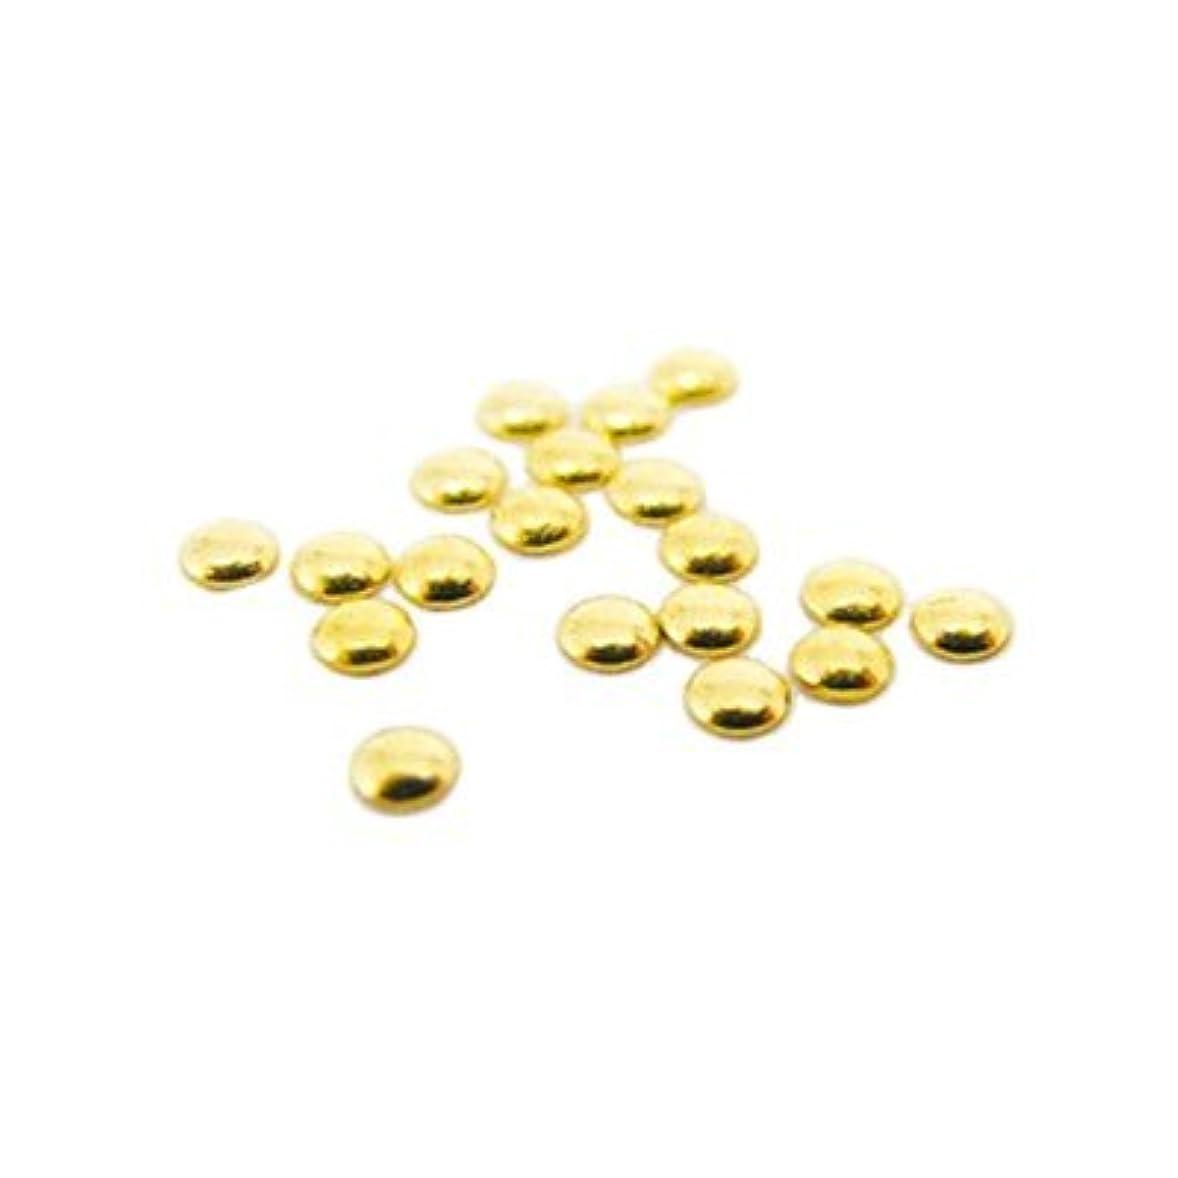 厳悪名高いうねるピアドラ スタッズ 1.2mm 100P ゴールド